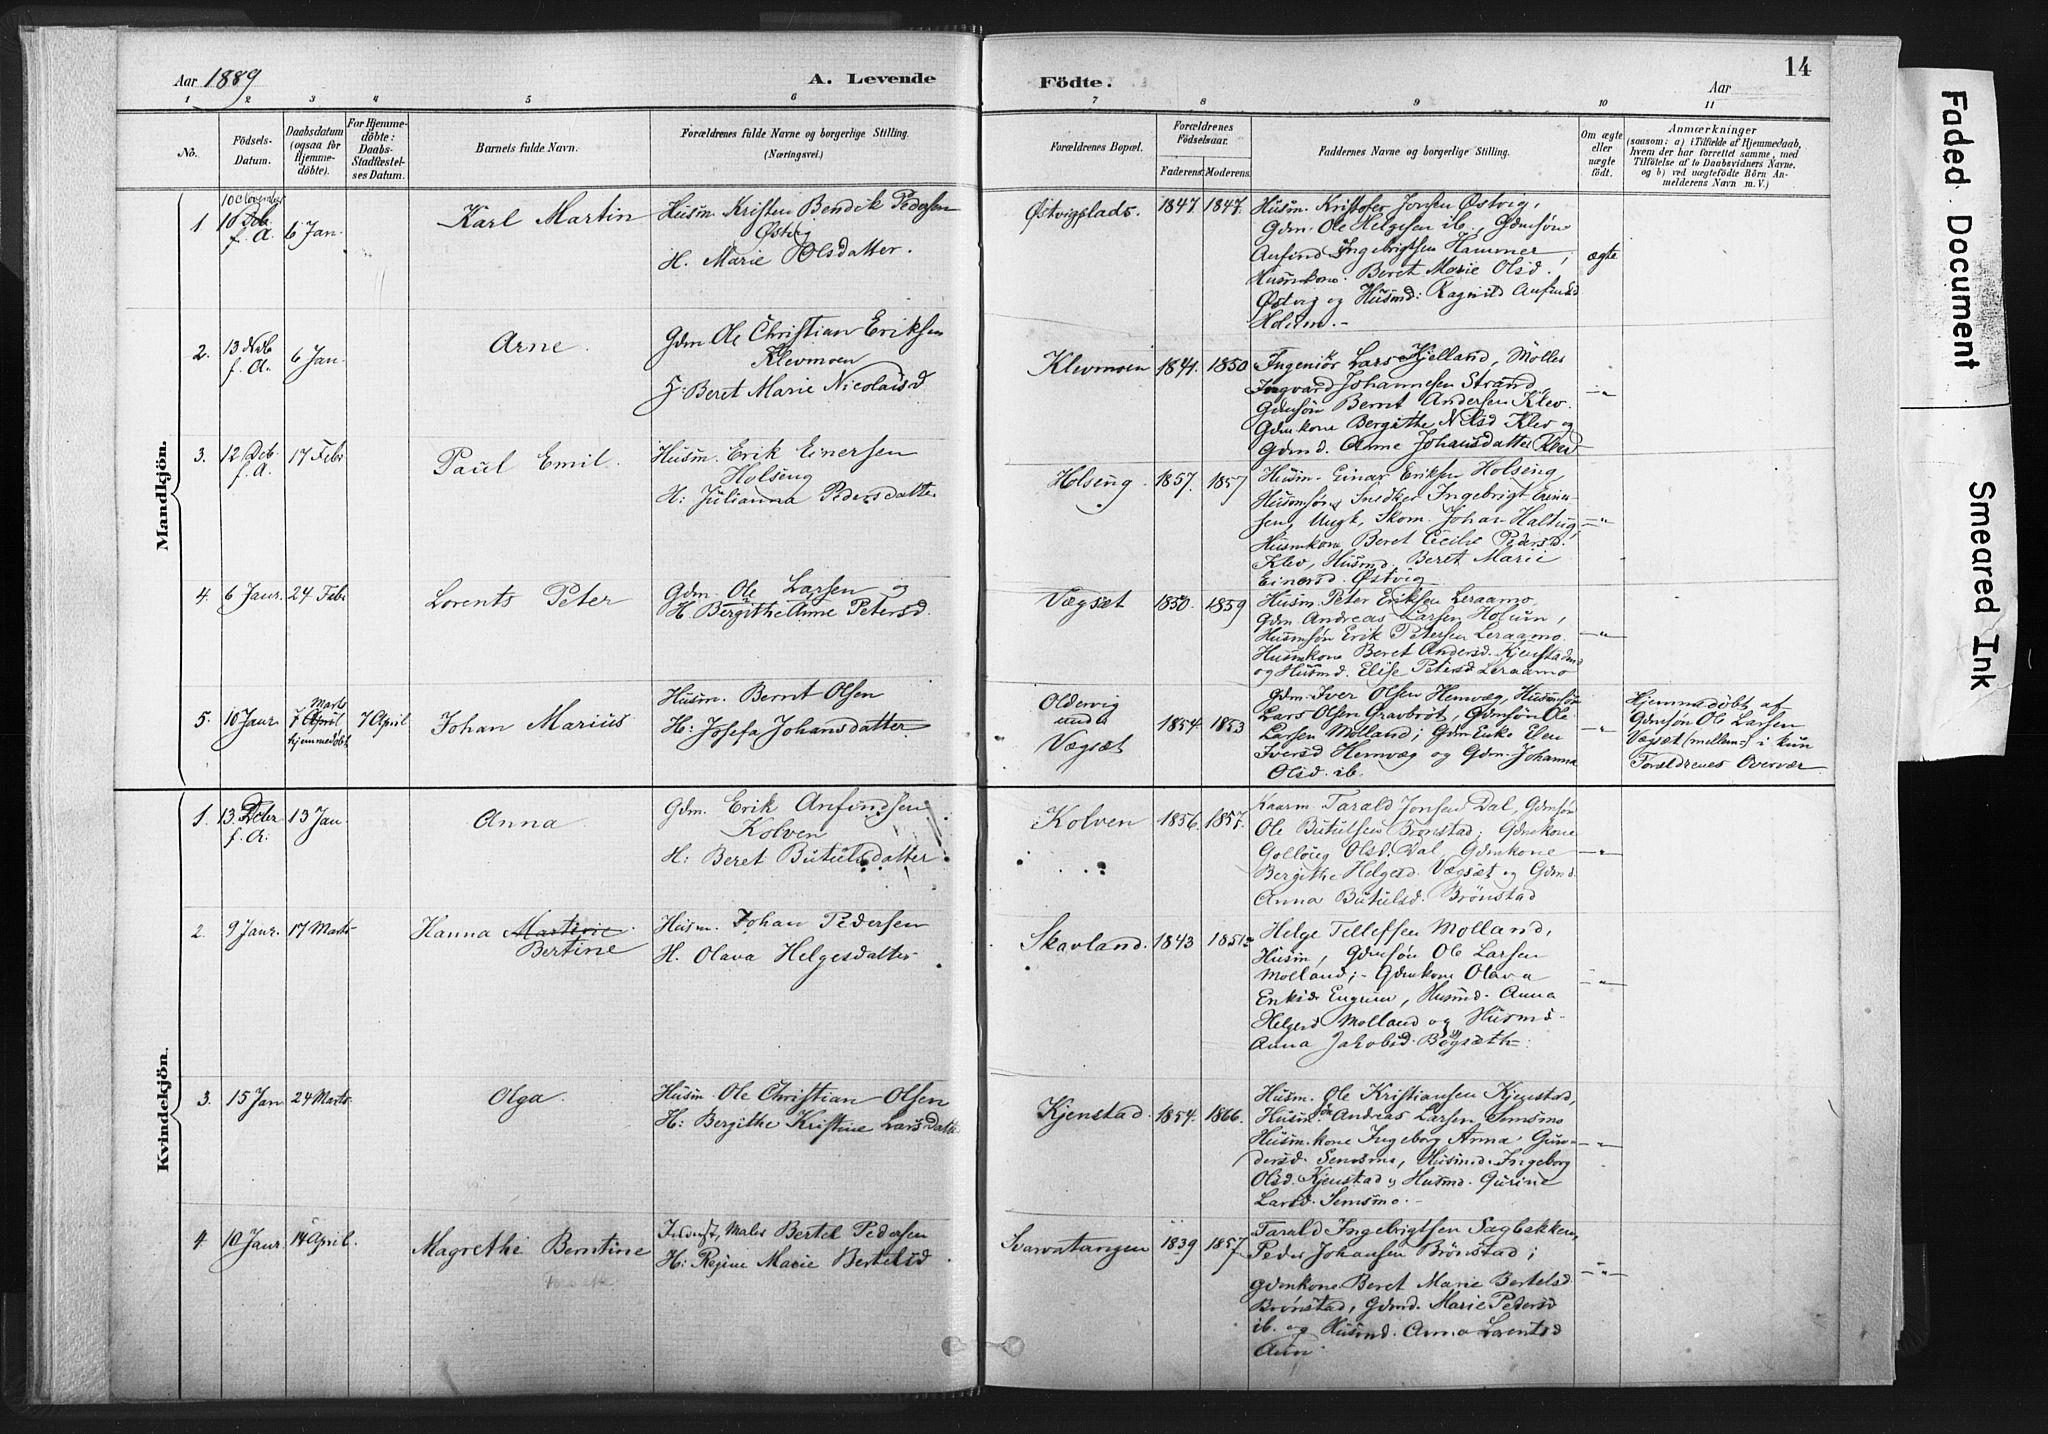 SAT, Ministerialprotokoller, klokkerbøker og fødselsregistre - Nord-Trøndelag, 749/L0474: Ministerialbok nr. 749A08, 1887-1903, s. 14